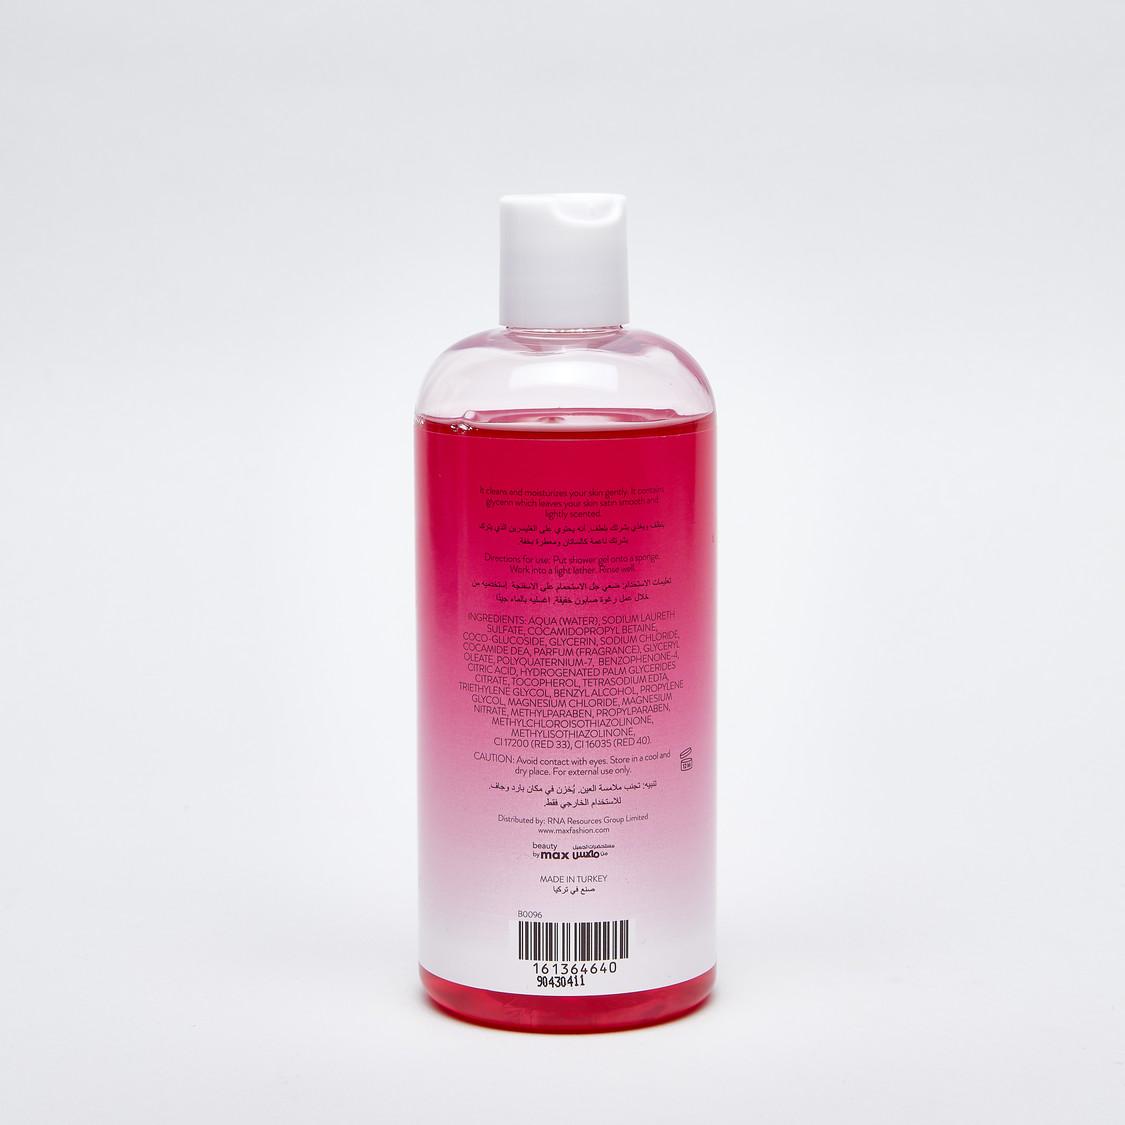 Fruit Essence Luscious Red Berries Shower Gel - 400 ml